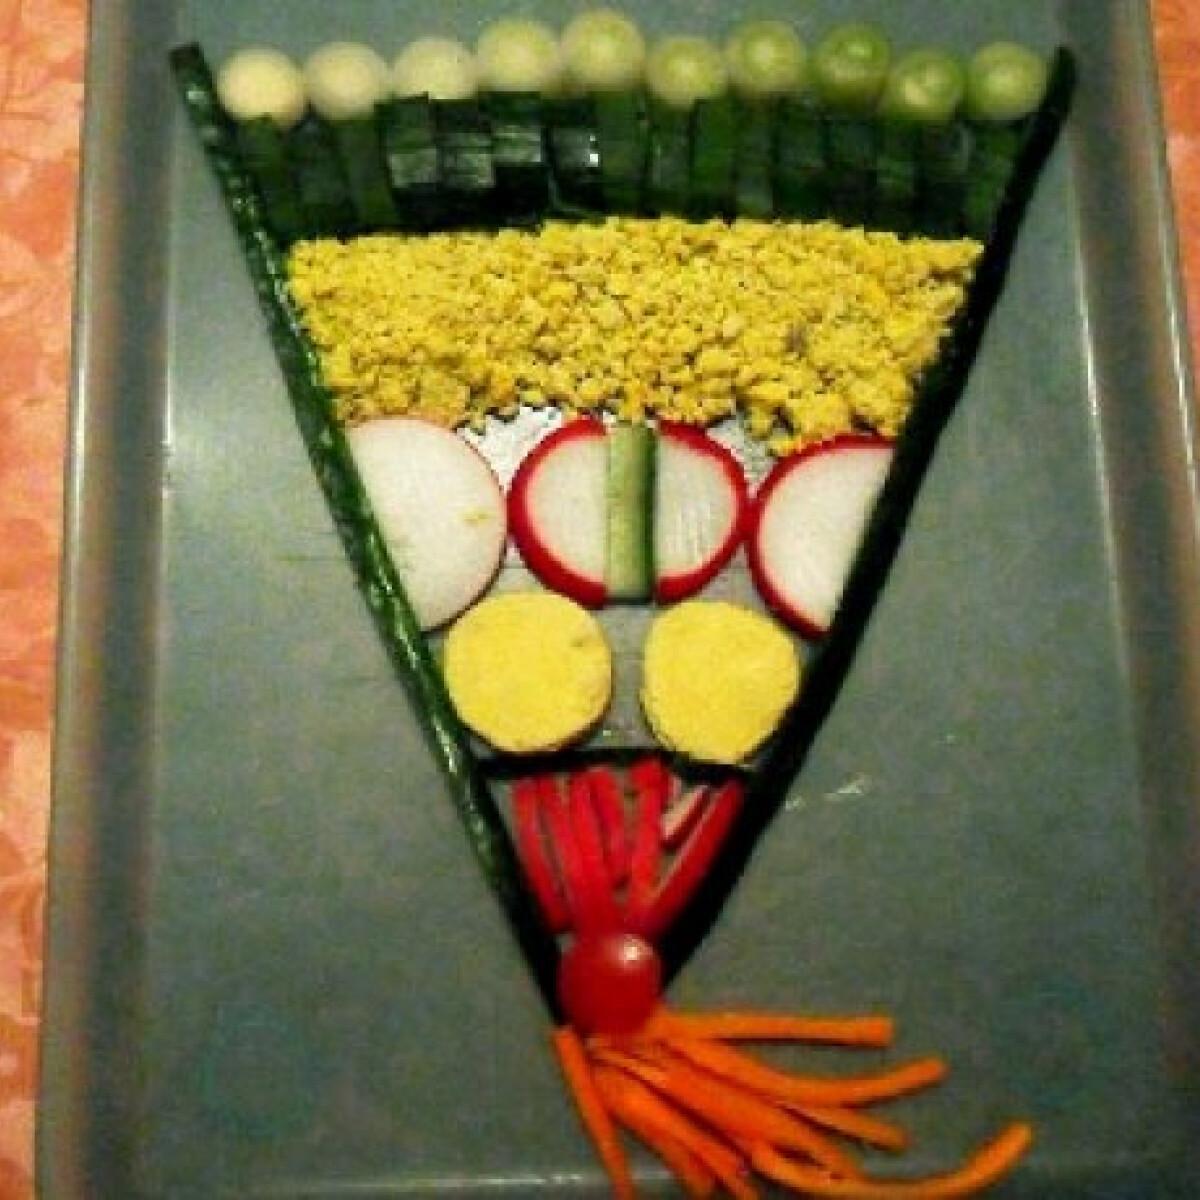 Zöldségekből legyező